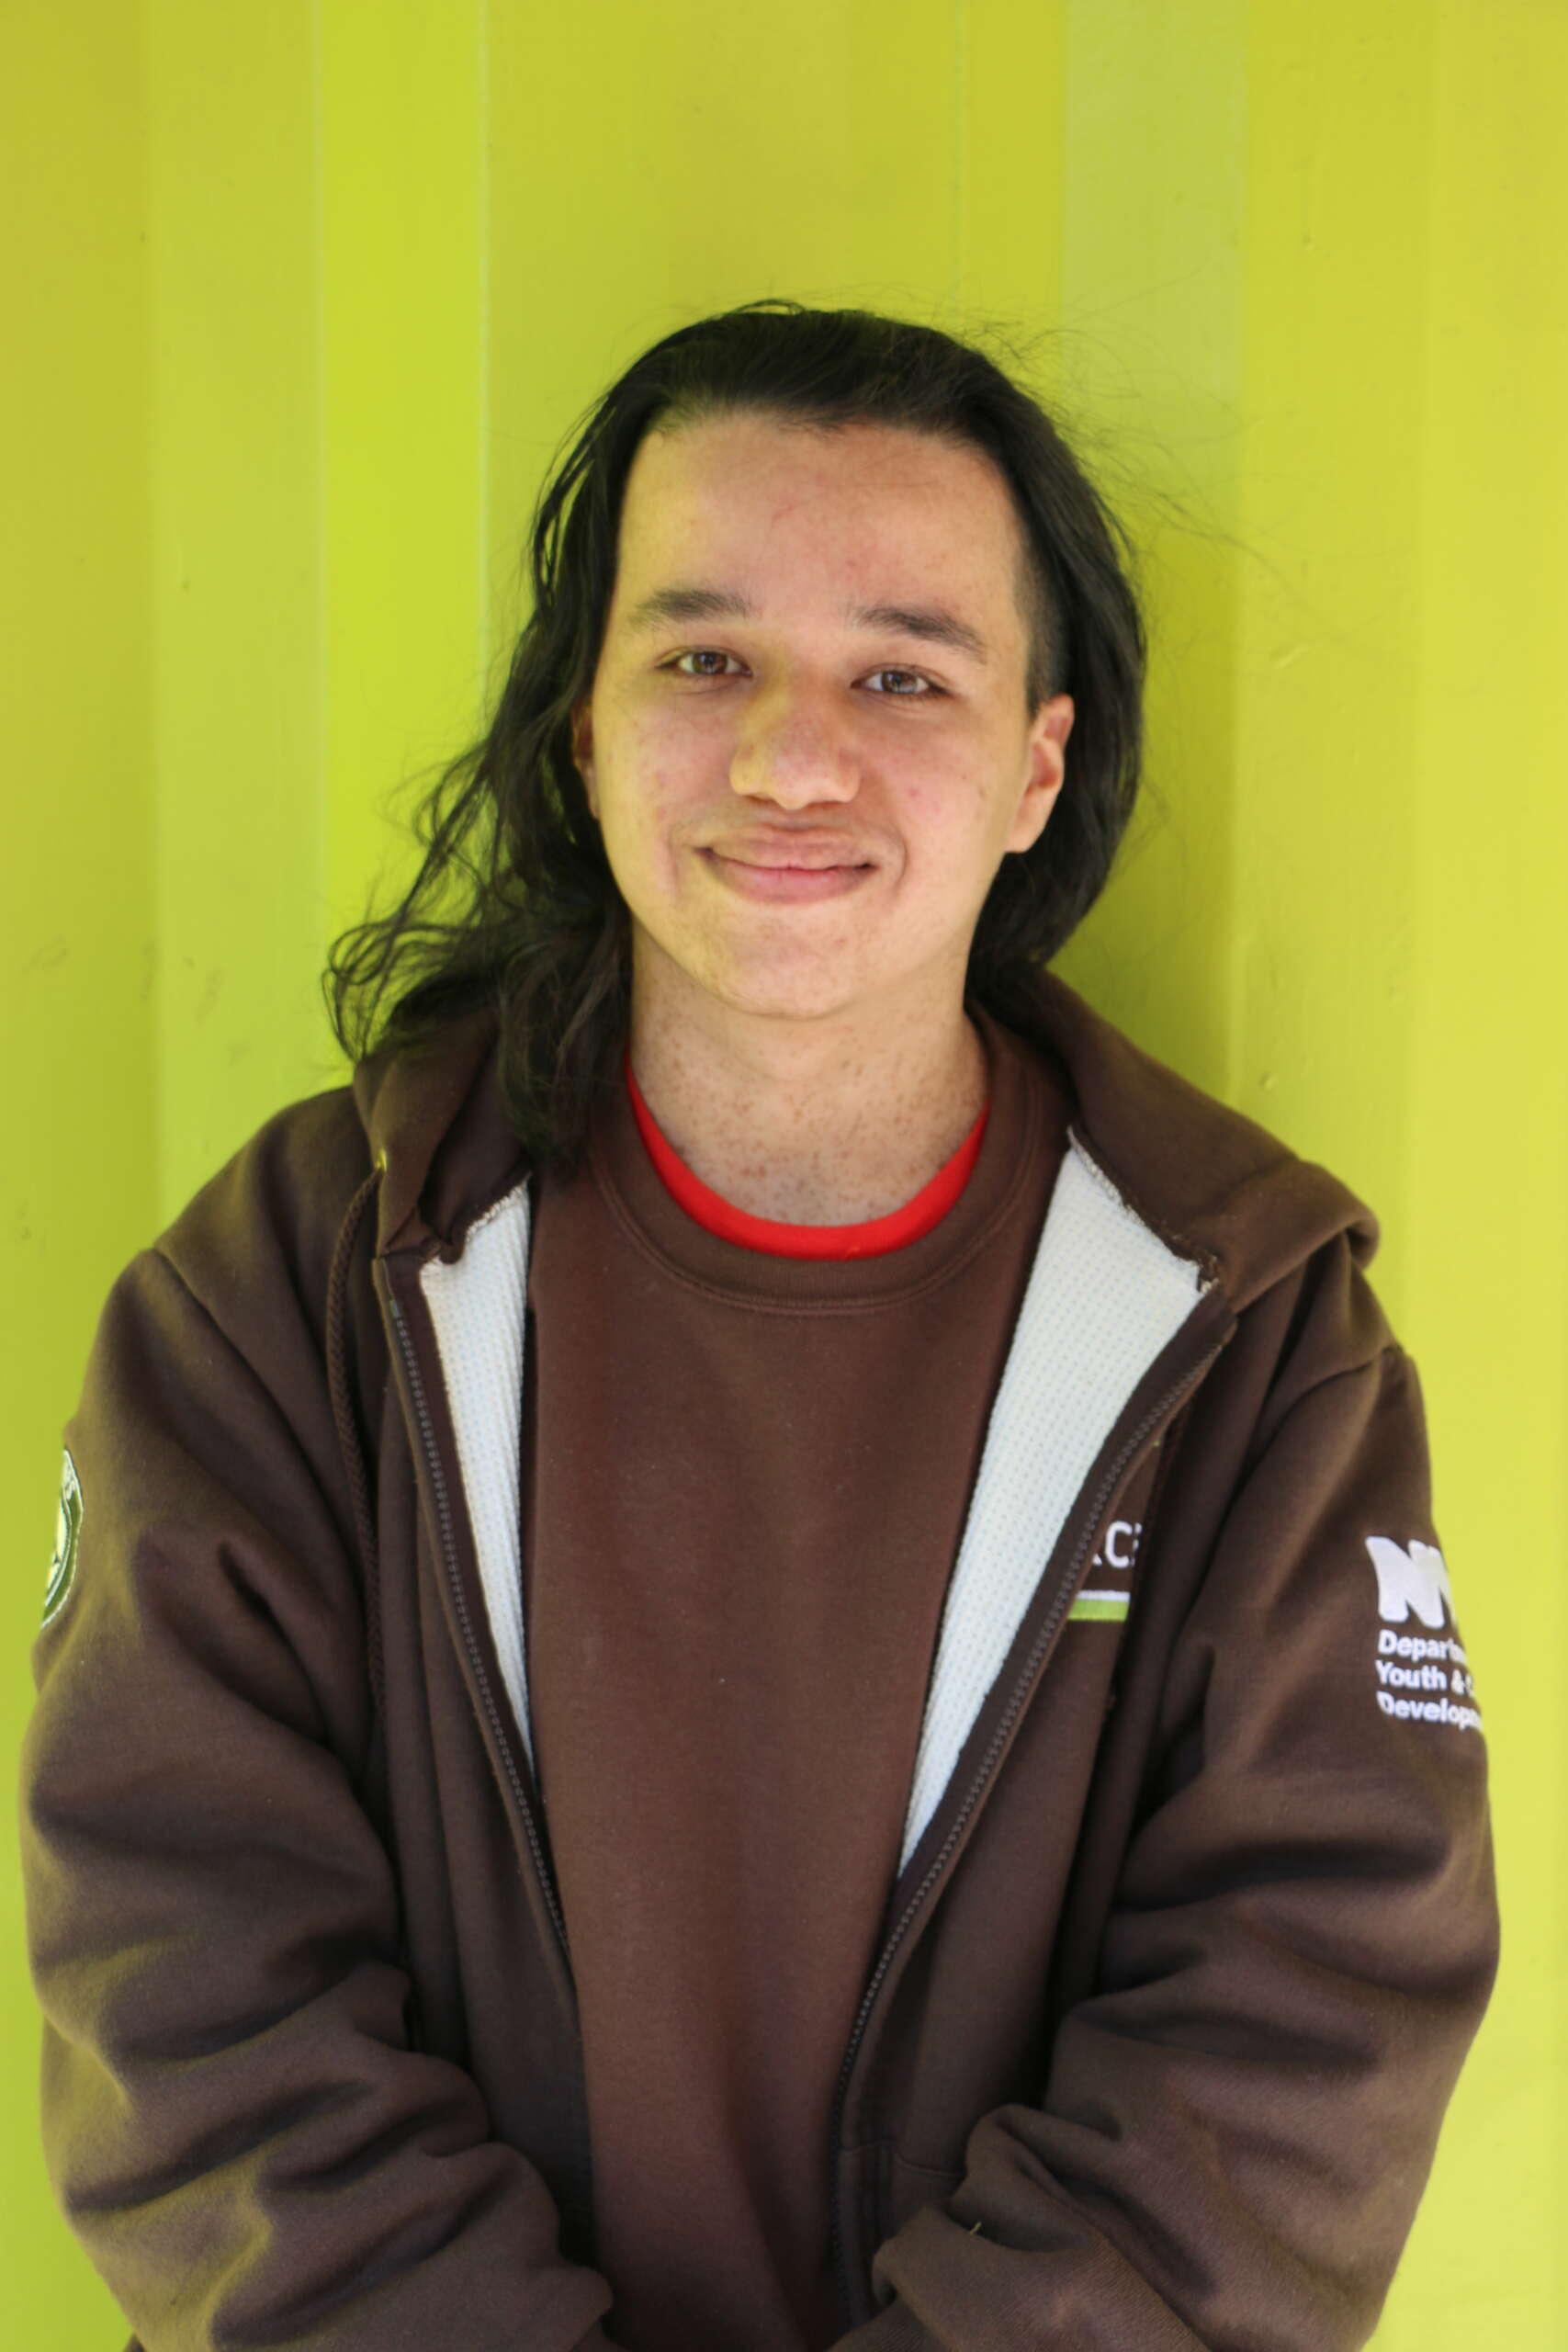 Matthew Lajara